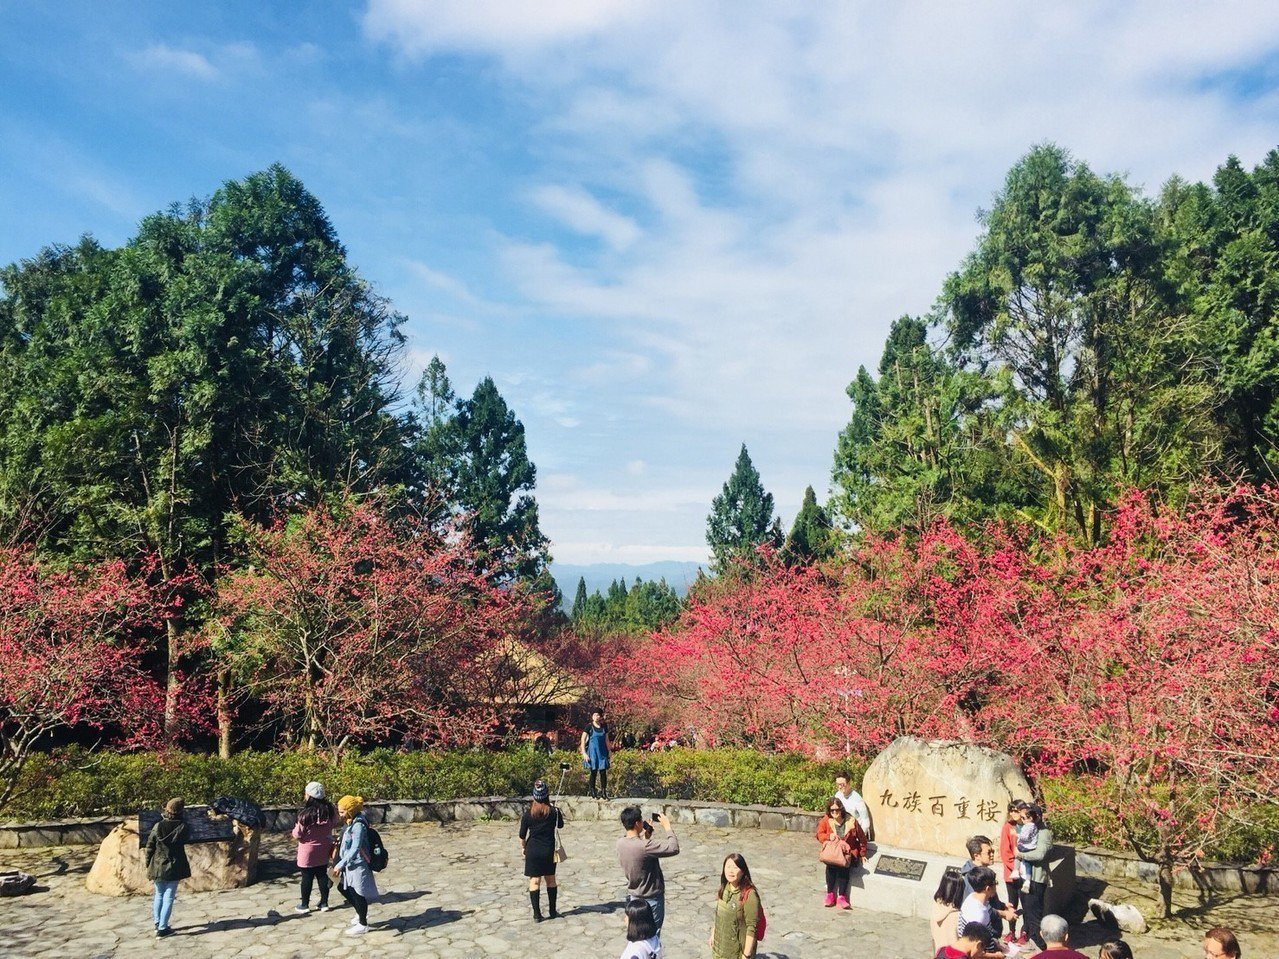 九族文化村也是賞櫻著名景點。 圖/九族文化村提供